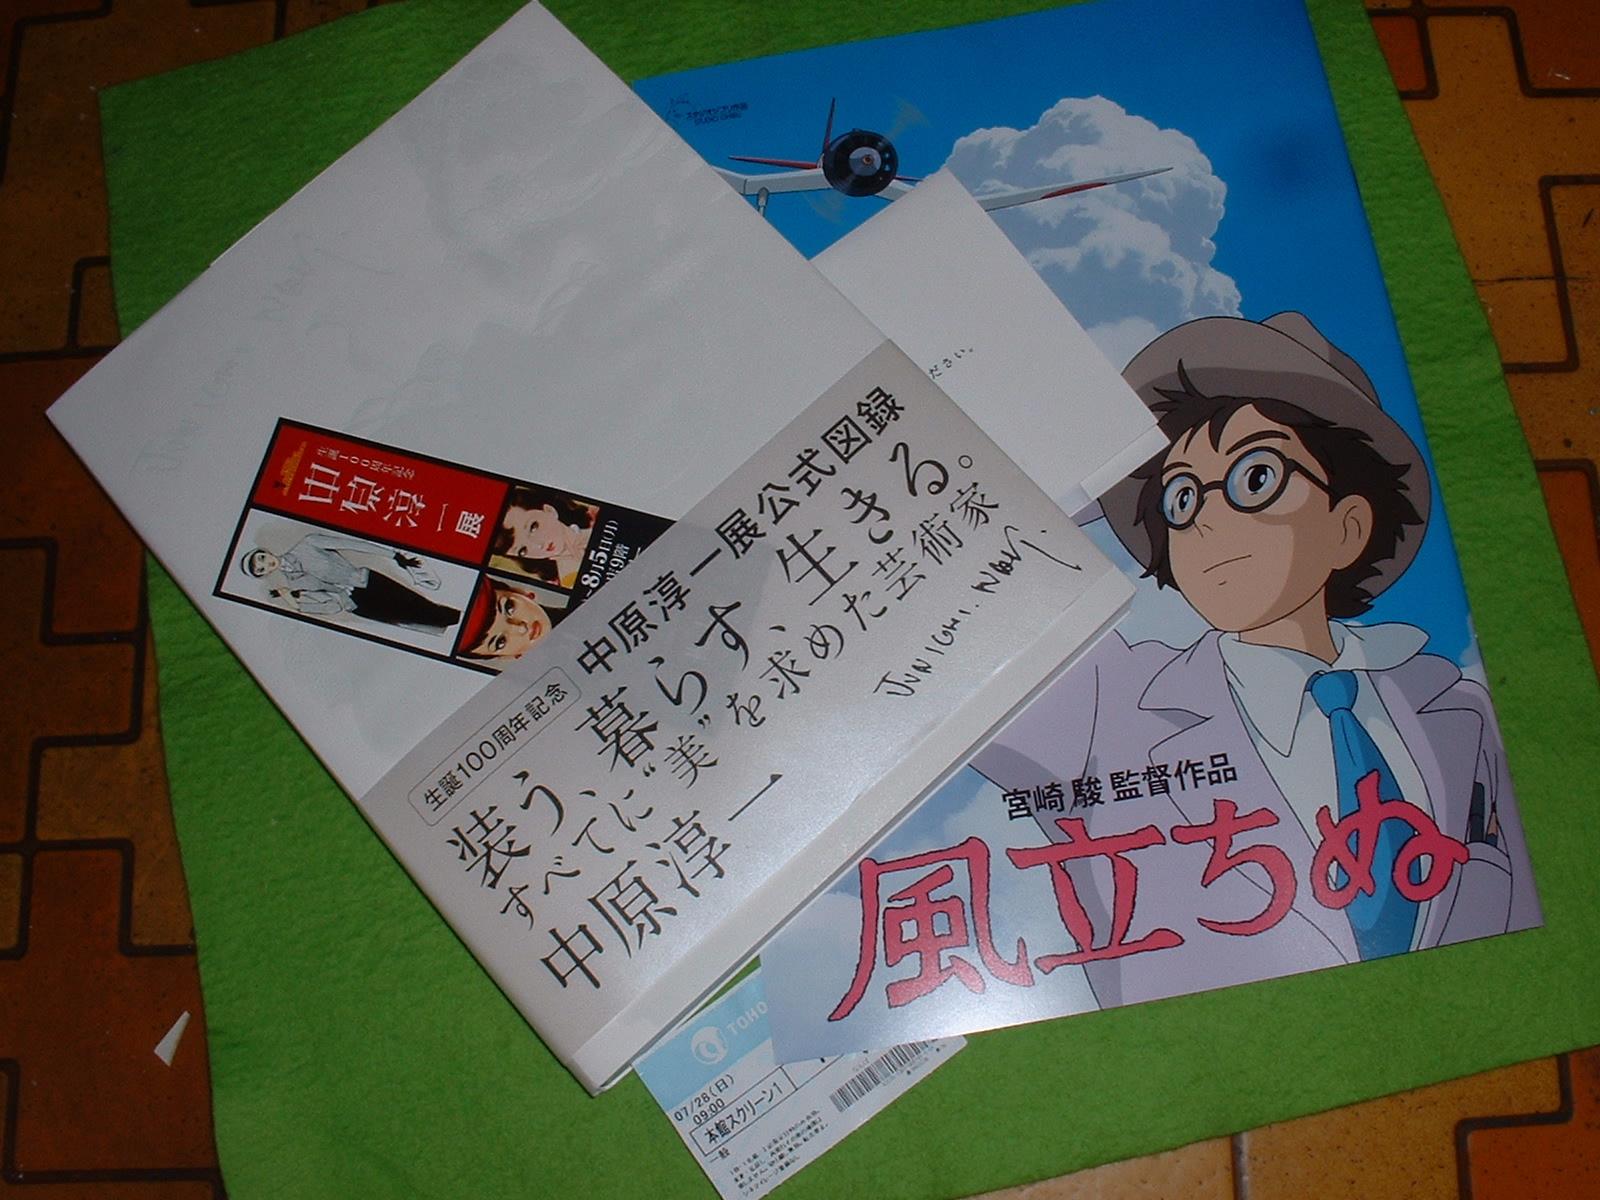 2013年月27日28日 の鑑賞「中原淳一展」映画「風立ちぬ」 Doburoku-TAO.JPG